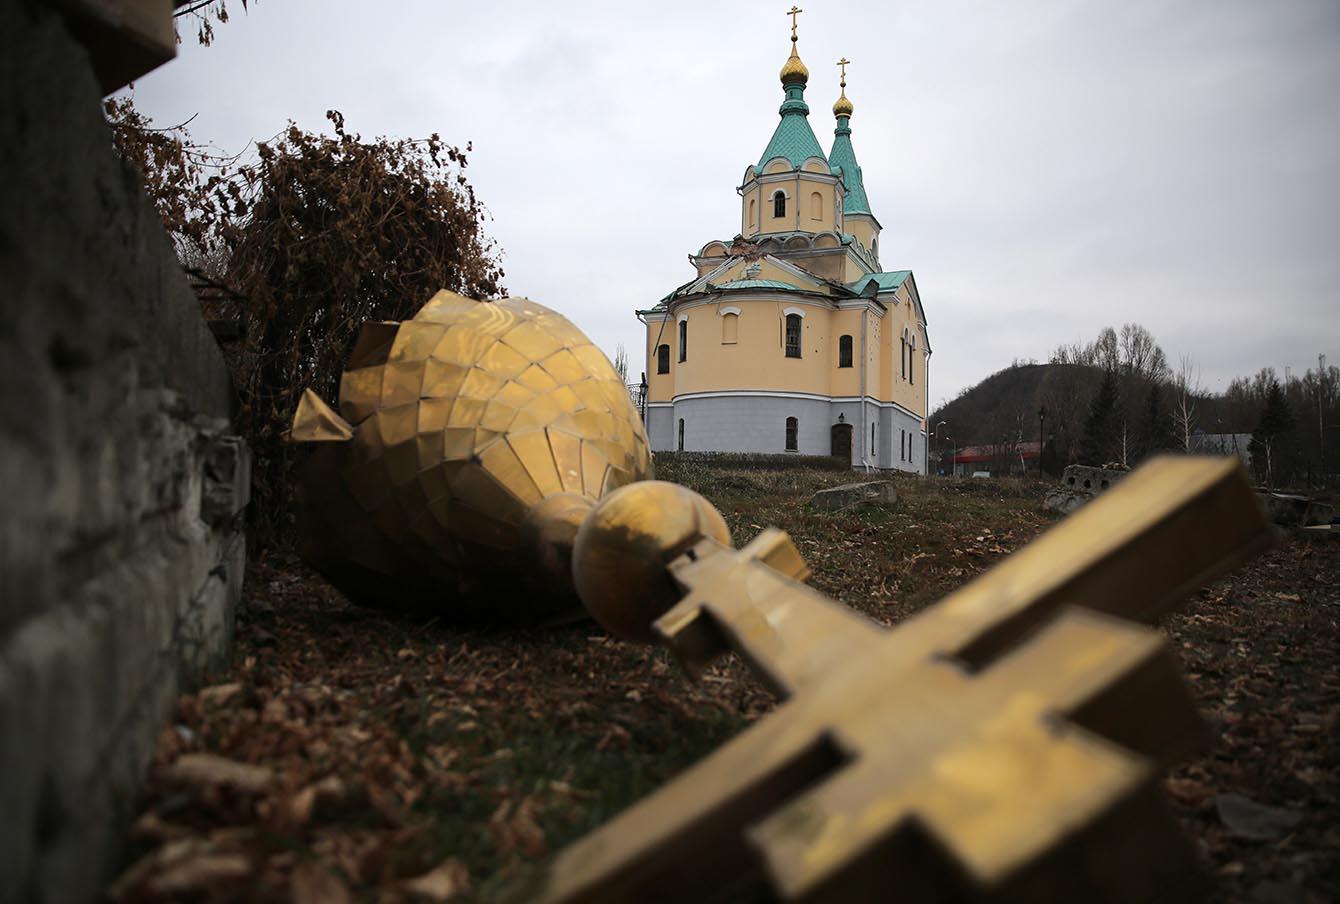 Обстрелянная церковь в Донецке.